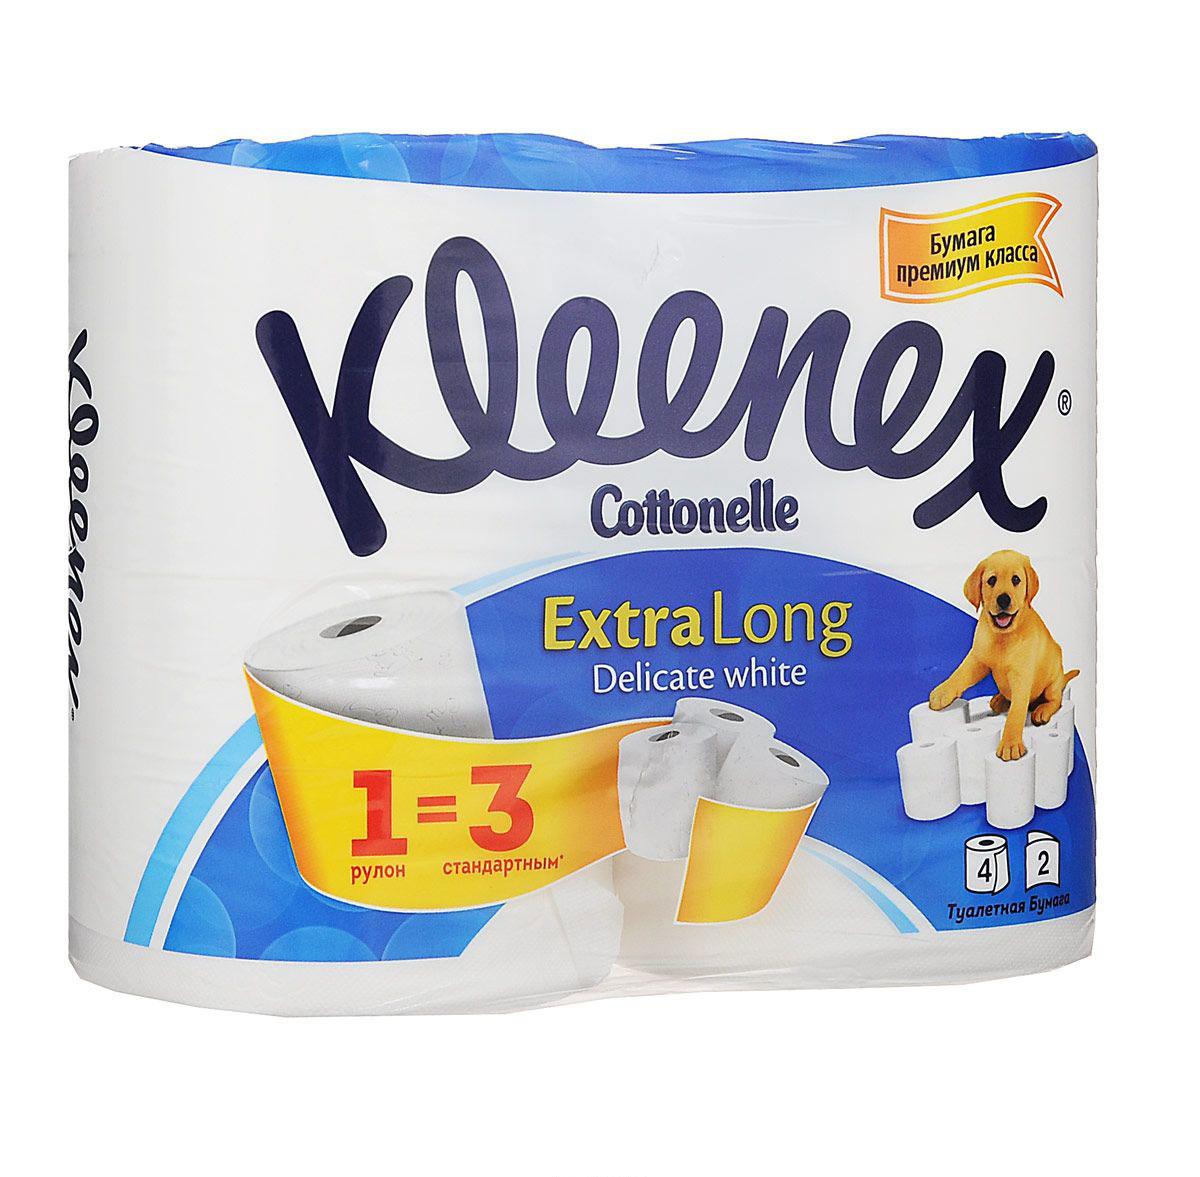 Kleenex Cottonelle Туалетная бумага Extra Long, двухслойная, цвет: белый, 4 рулона9450044Туалетная бумага Kleenex Cottonelle Extra Long изготовлена из целлюлозы высшего качества. Двухслойные листы белого цвета имеют рисунок с тиснением. Мягкая, нежная, но в тоже время прочная, бумага не расслаивается и отрывается строго по линии перфорации. Характеристики: Материал: 100% целлюлоза. Цвет: белый. Количество рулонов: 4 шт. Количество листов в рулоне: 488. Количество слоев: 2. Размер листа: 9,6 см х 11,3 см. Размер упаковки: 25 см х 13 см х 19,5 см. Артикул: 9450044. Производитель: Венгрия. Товар сертифицирован. Уважаемые клиенты! Обращаем ваше внимание на измененный дизайн упаковки. Комплектация осталась без изменений.